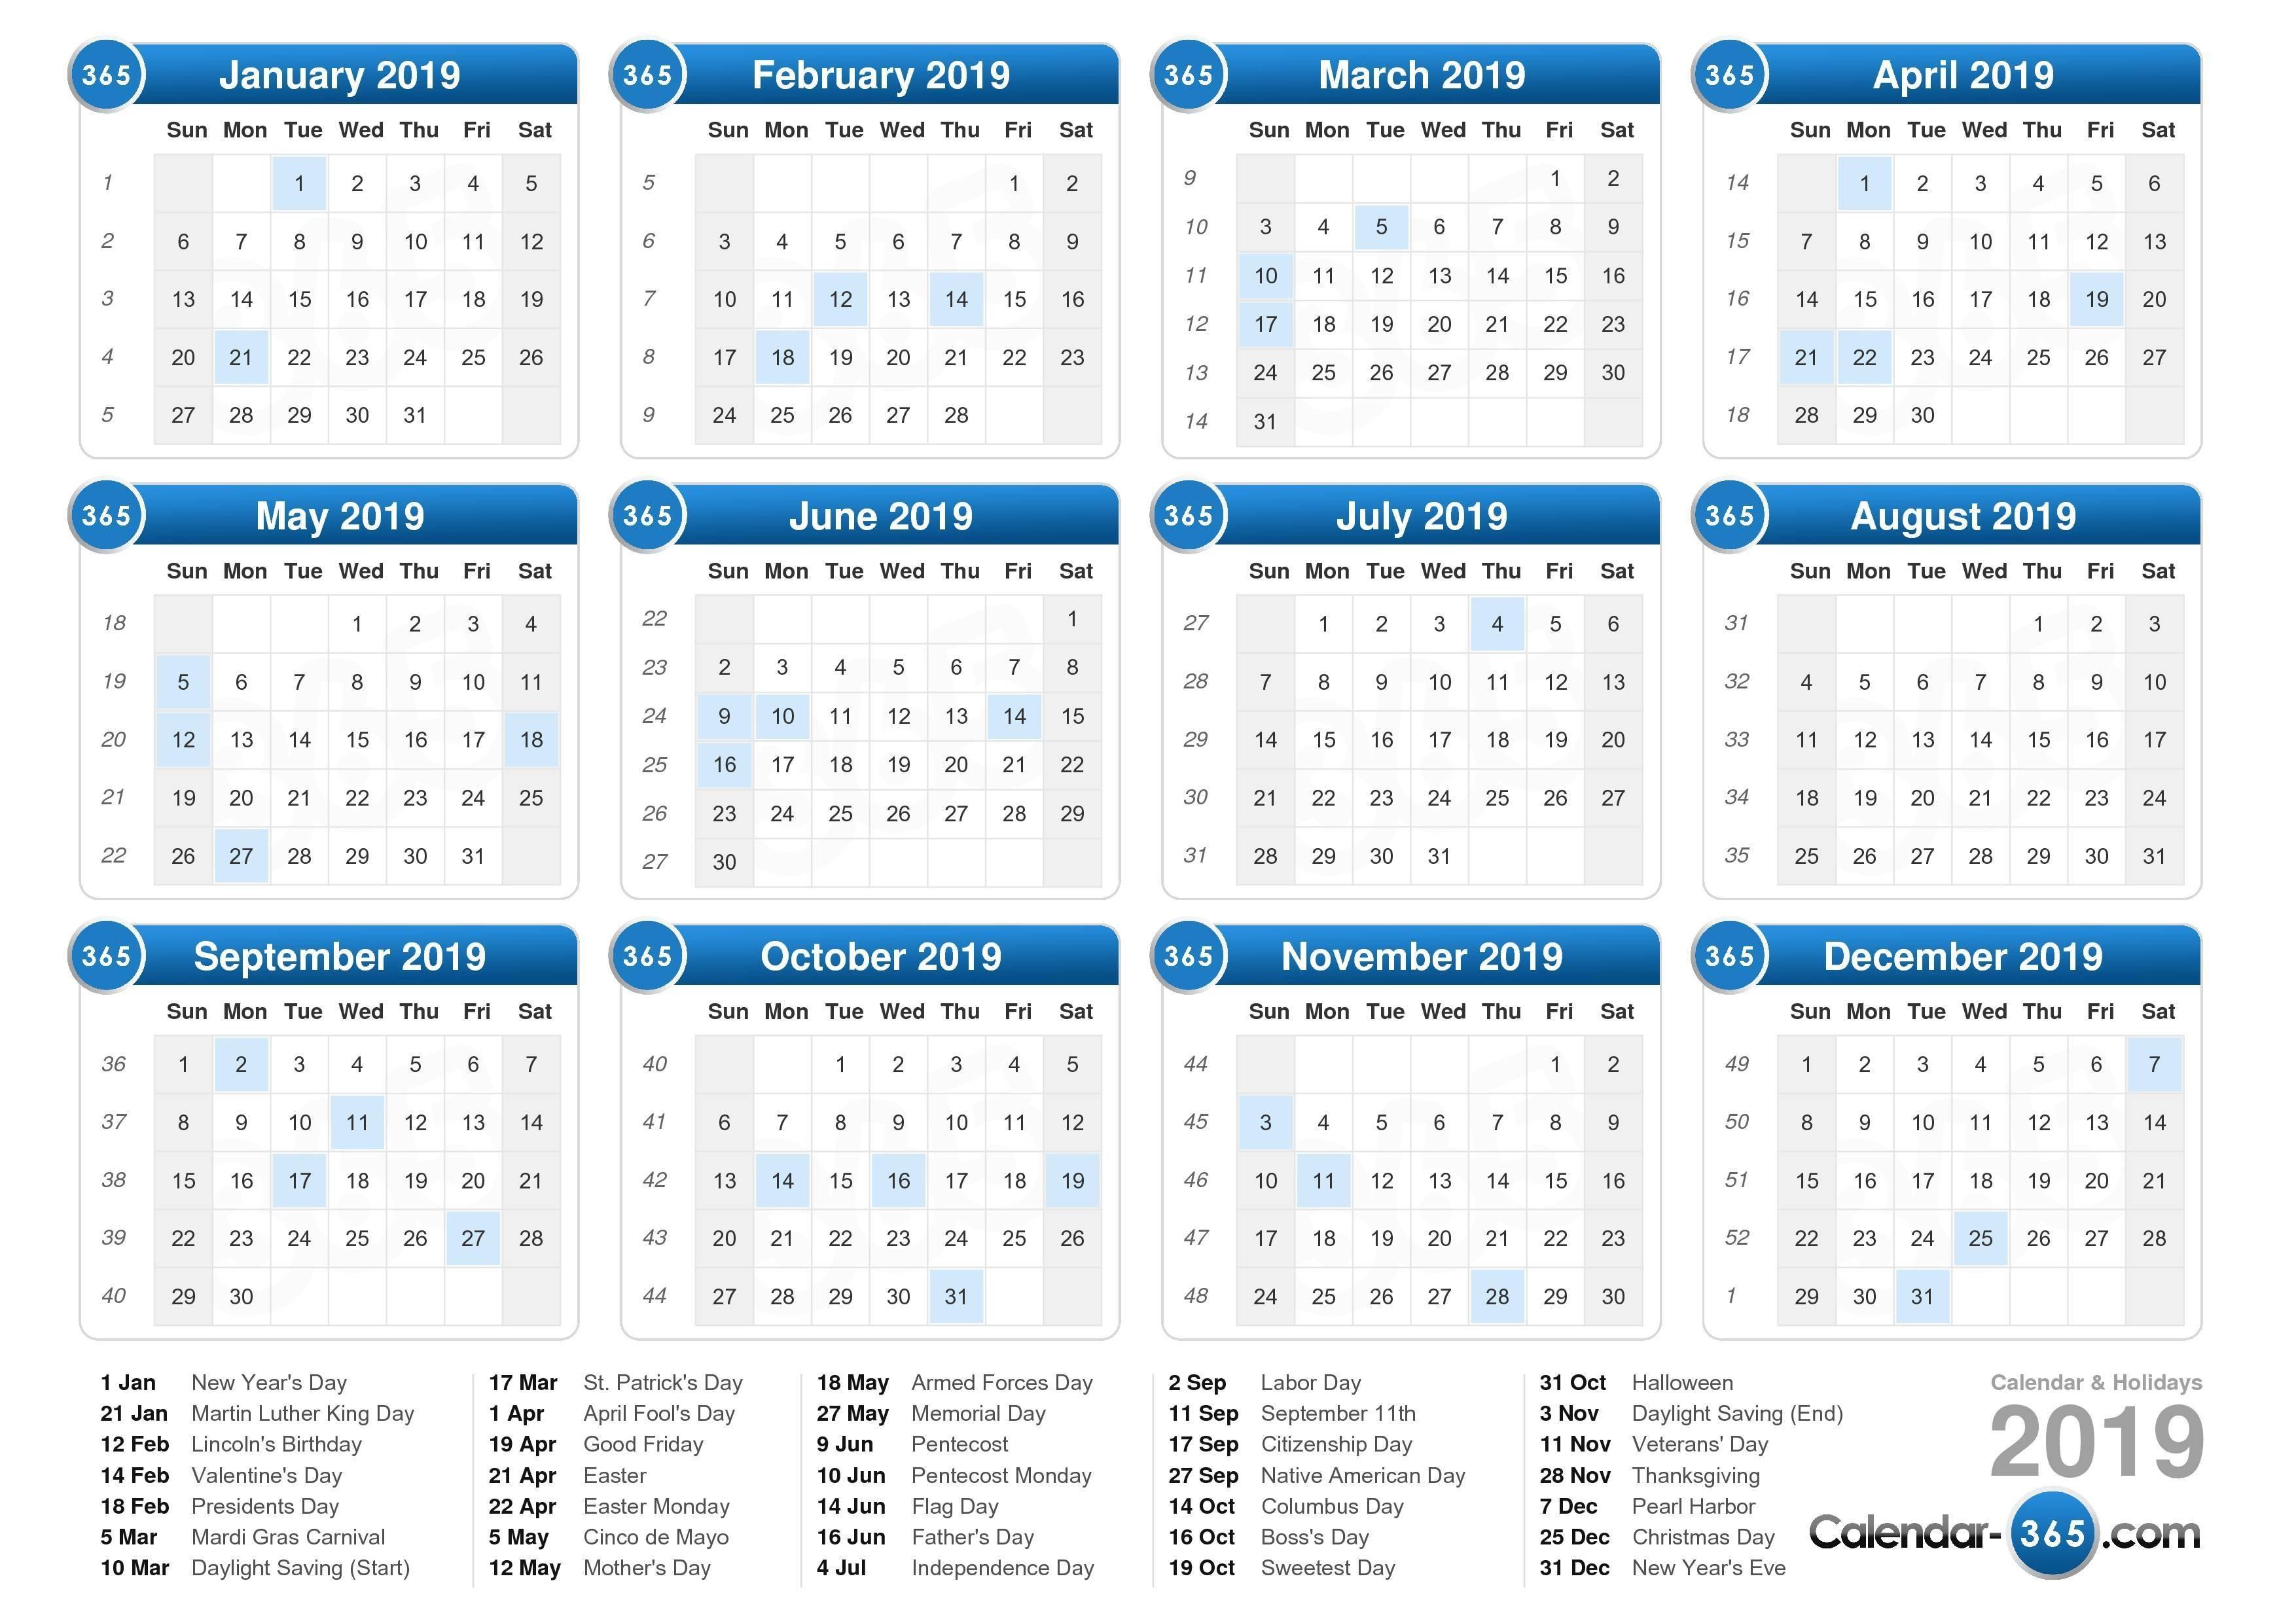 Calendario Moto Gp 2019 Argentina Más Recientes Kostilka Of Calendario Moto Gp 2019 Argentina Más Reciente Ocr Biology B Gcse 2013 Paper Ebook